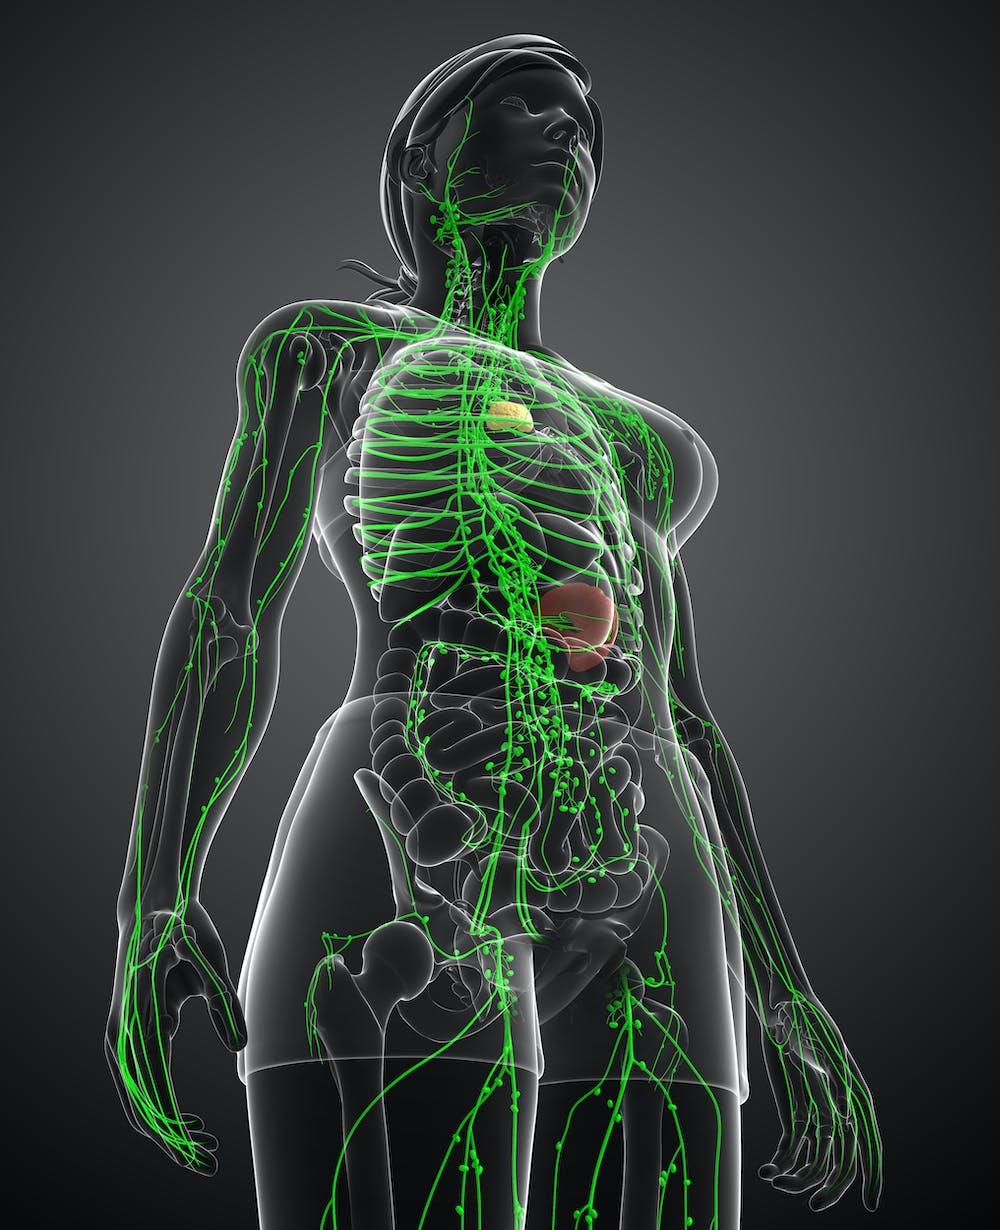 Próximo reto: Mapear los billones de células de nuestro cuerpo